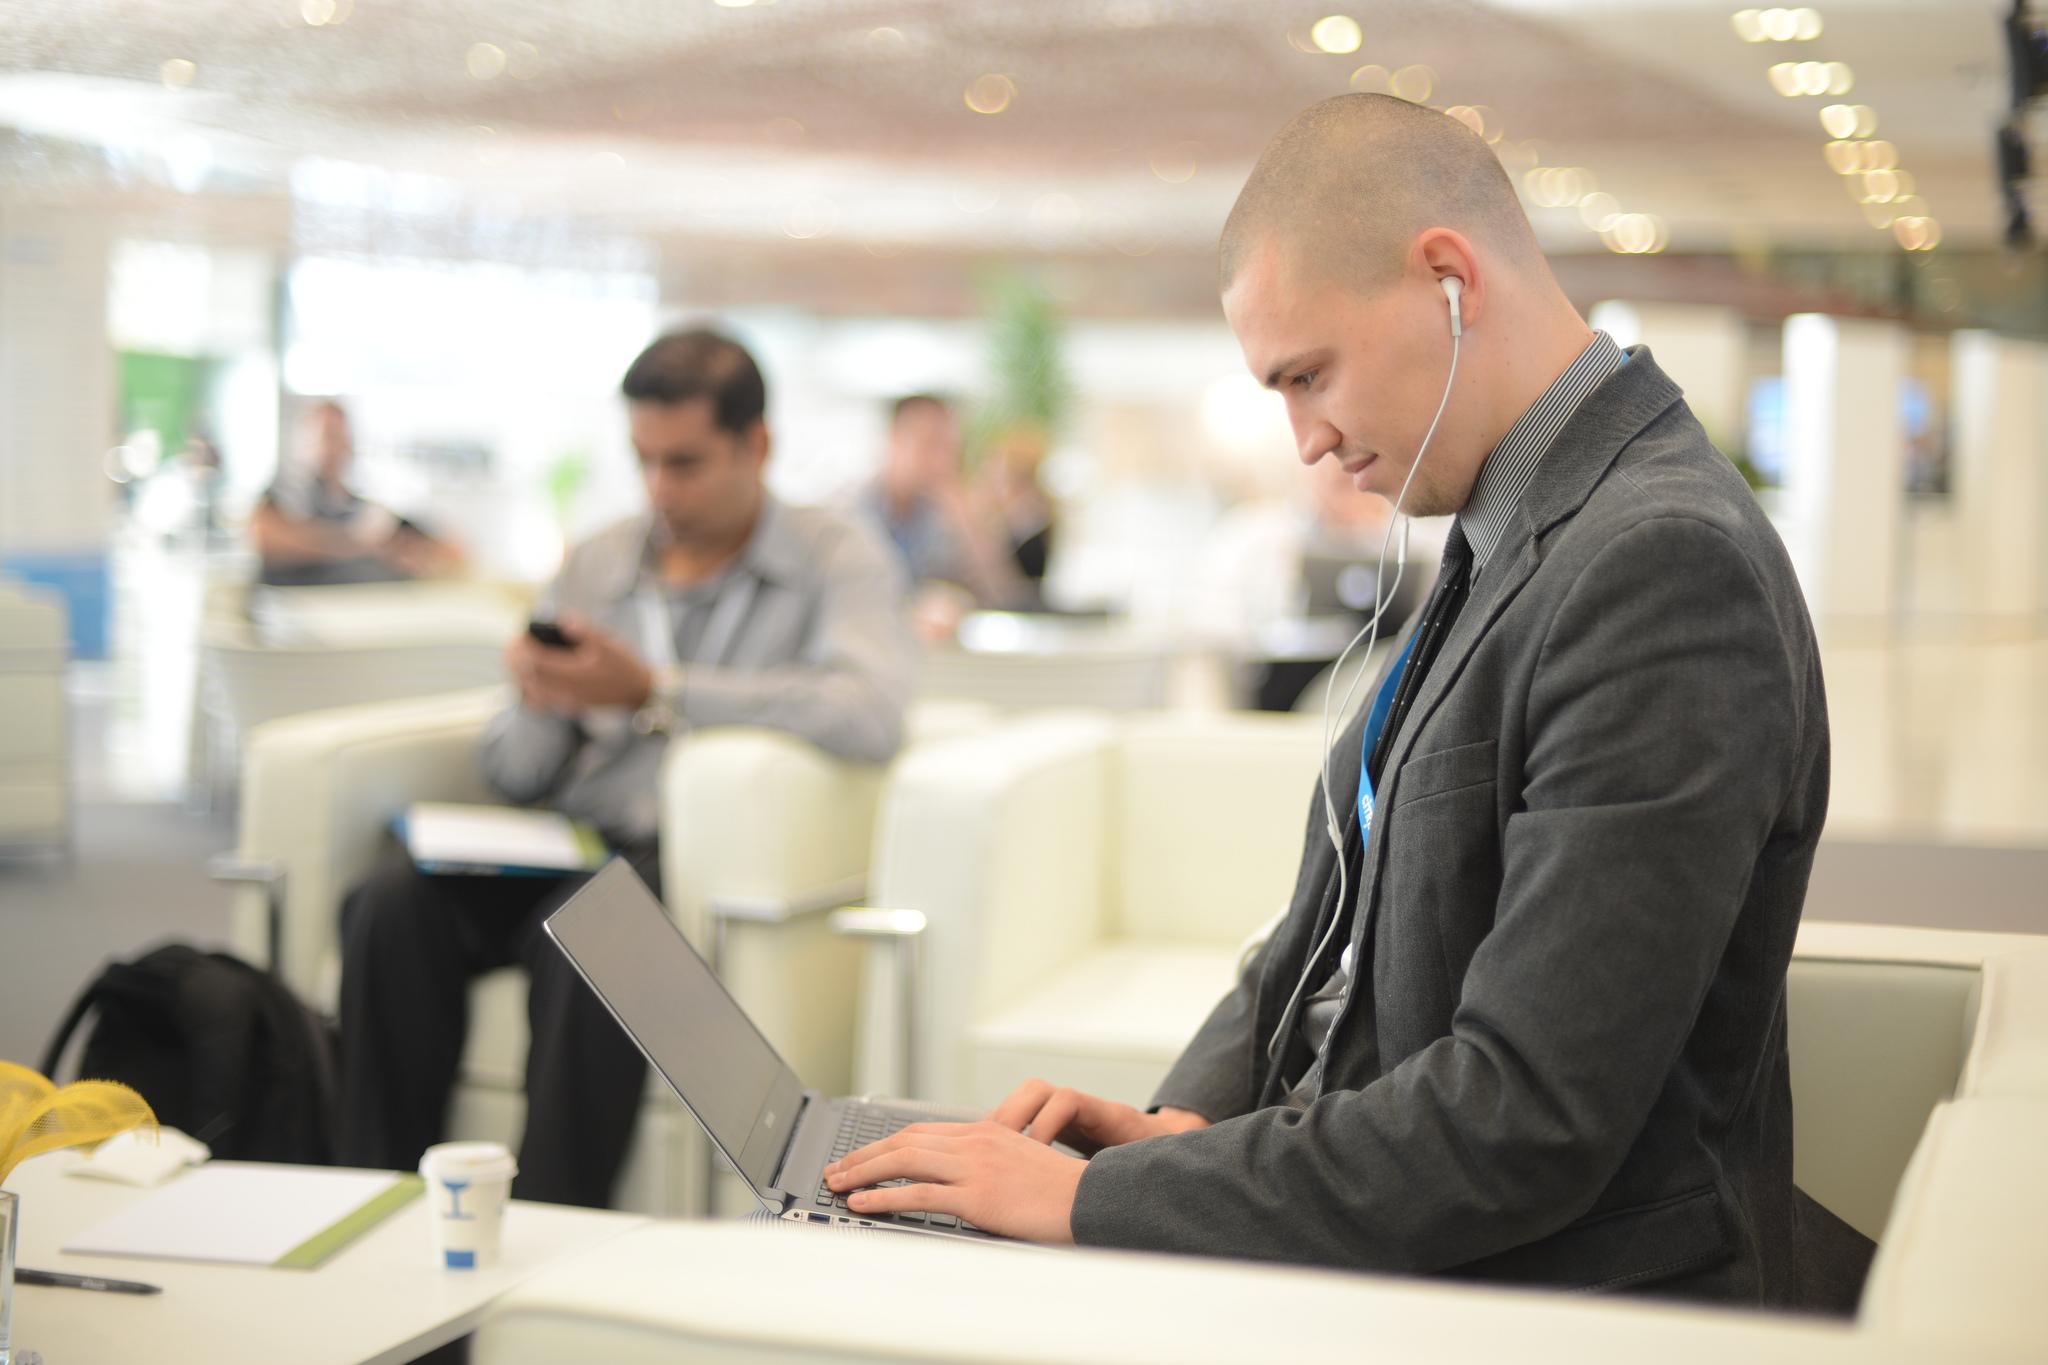 Citrix es reconocida por su liderazgo en soluciones para espacios de trabajo digitales